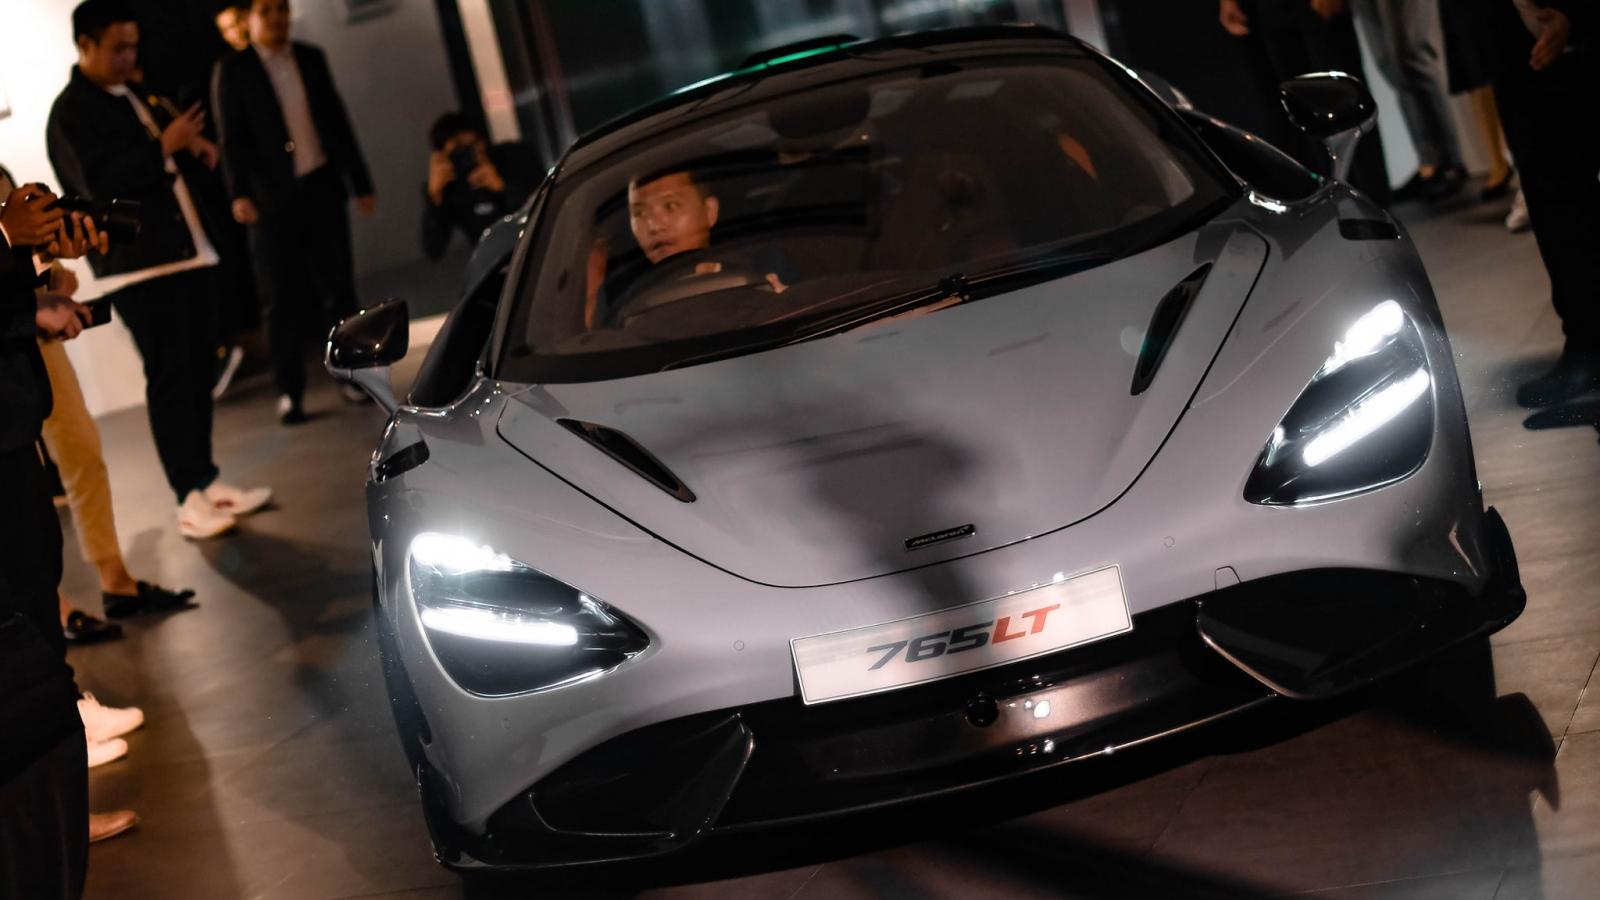 Siêu xe McLaren 765LT đầu tiên đặt chân đến Thái Lan, giá gần 40 tỷ đồng